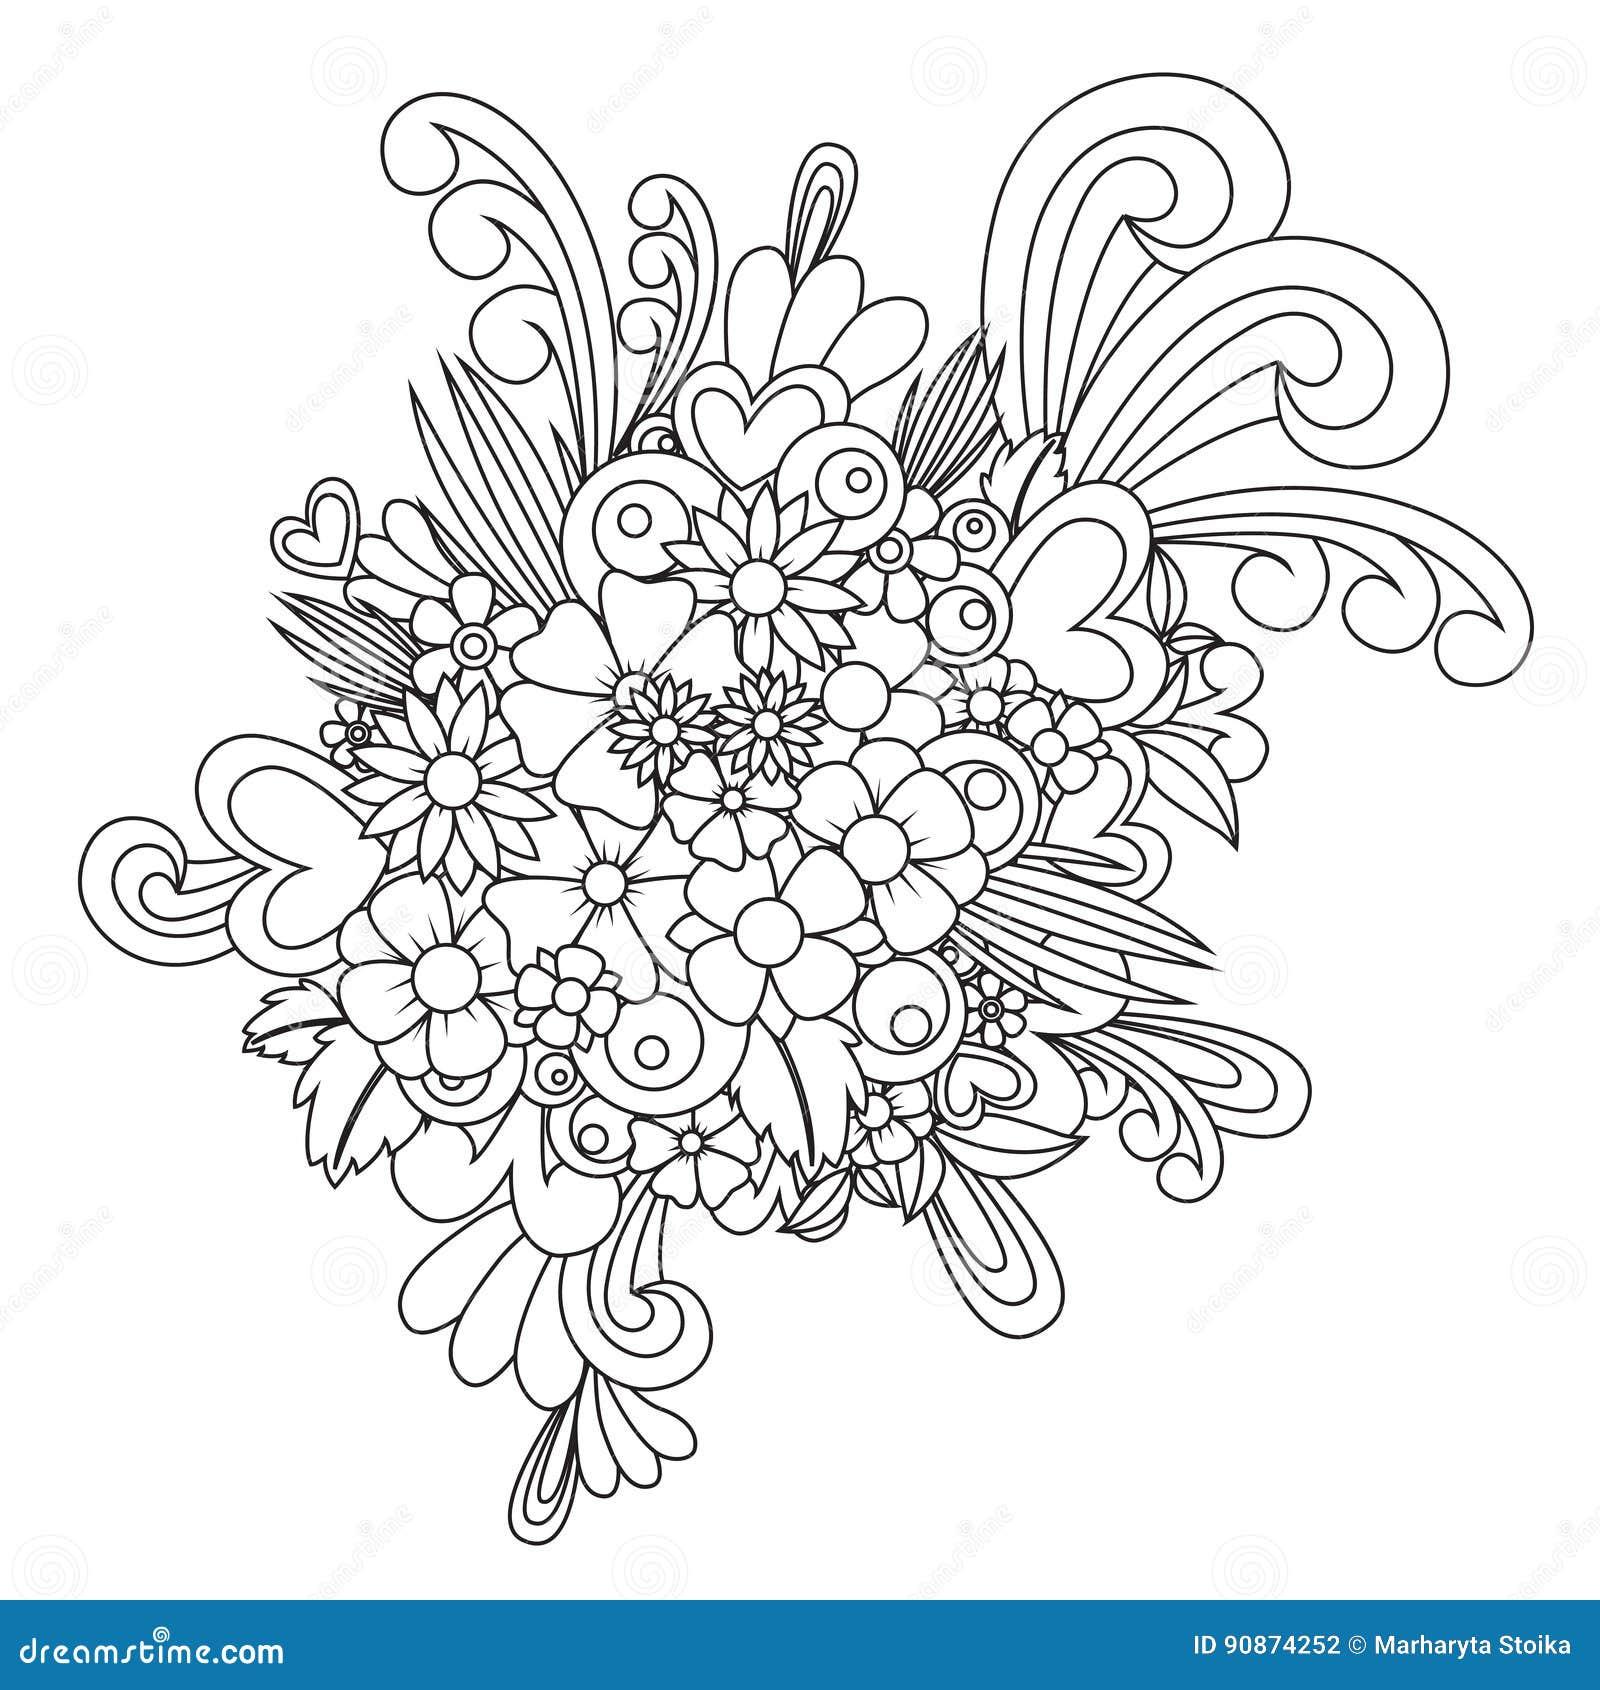 Zen coloring flowers - Zen Flowers Coloring Book Zentangle Flower Blossom Zen Tangle Coloring Book Vector